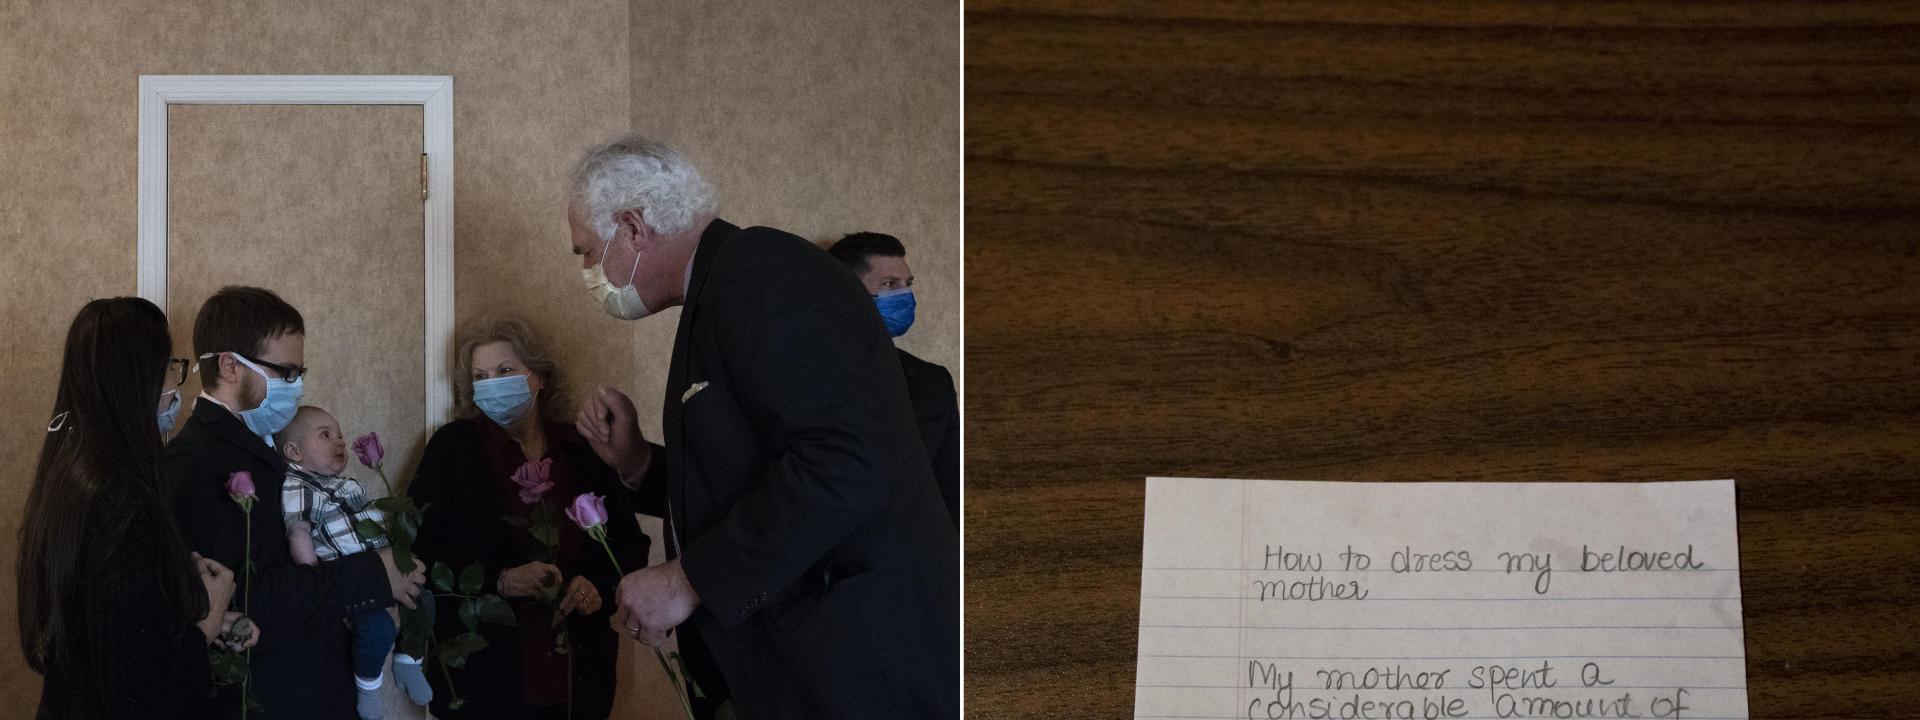 Une famille se rend à la maison funéraire Leo Kearns après avoir transmis les recommandations pour la cérémonie, le 7 mai dans le Queens, à New York.